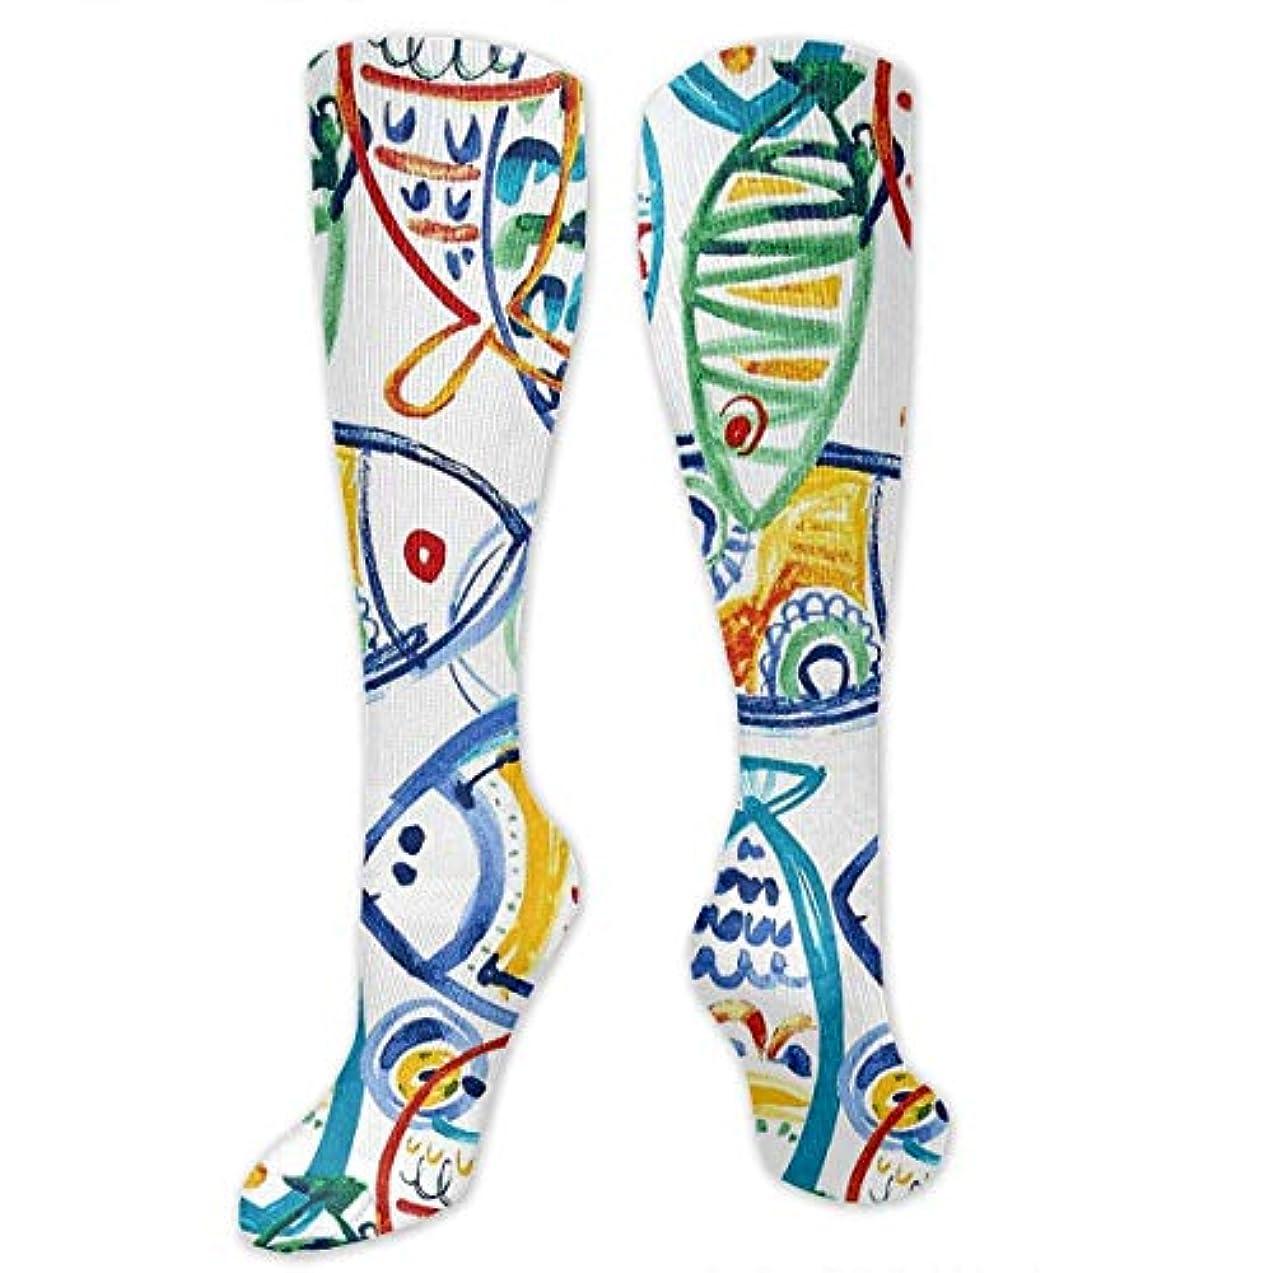 品種帆カタログ靴下,ストッキング,野生のジョーカー,実際,秋の本質,冬必須,サマーウェア&RBXAA Solarium Outdoor Cast Seaside Socks Women's Winter Cotton Long Tube...